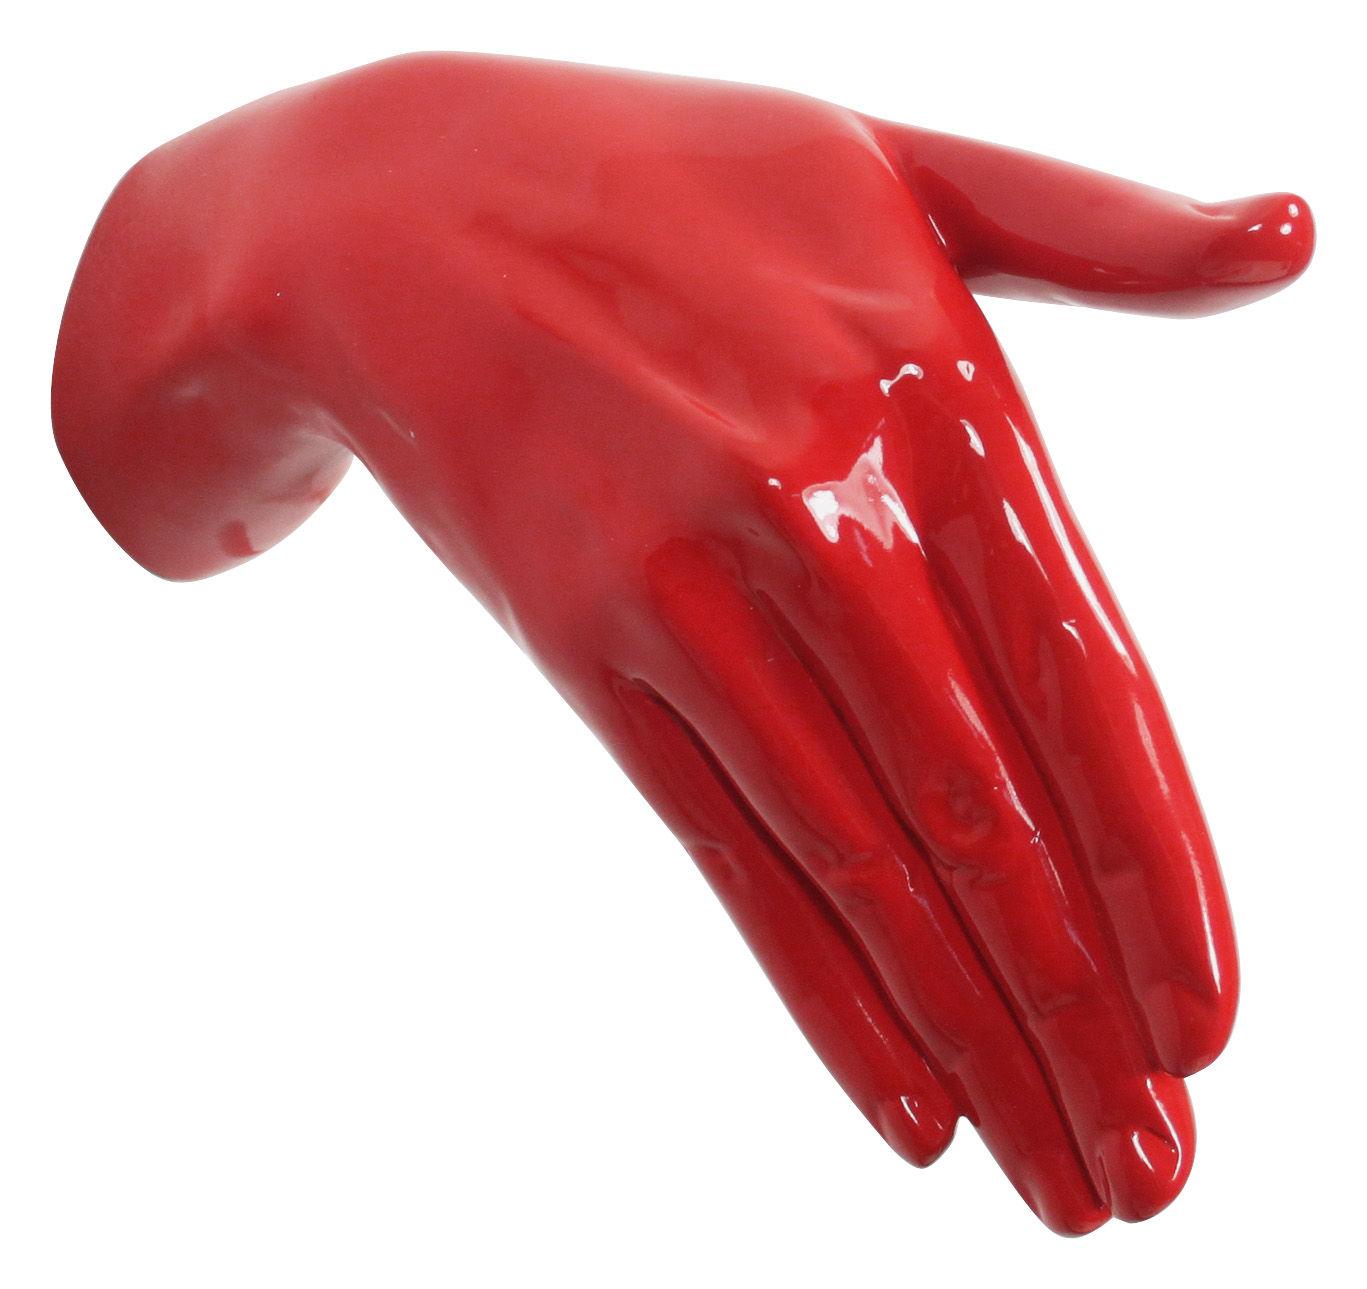 Möbel - Garderoben und Kleiderhaken - Hand Job - Shake Wandhaken - Thelermont Hupton - Rot - lackiertes Harz